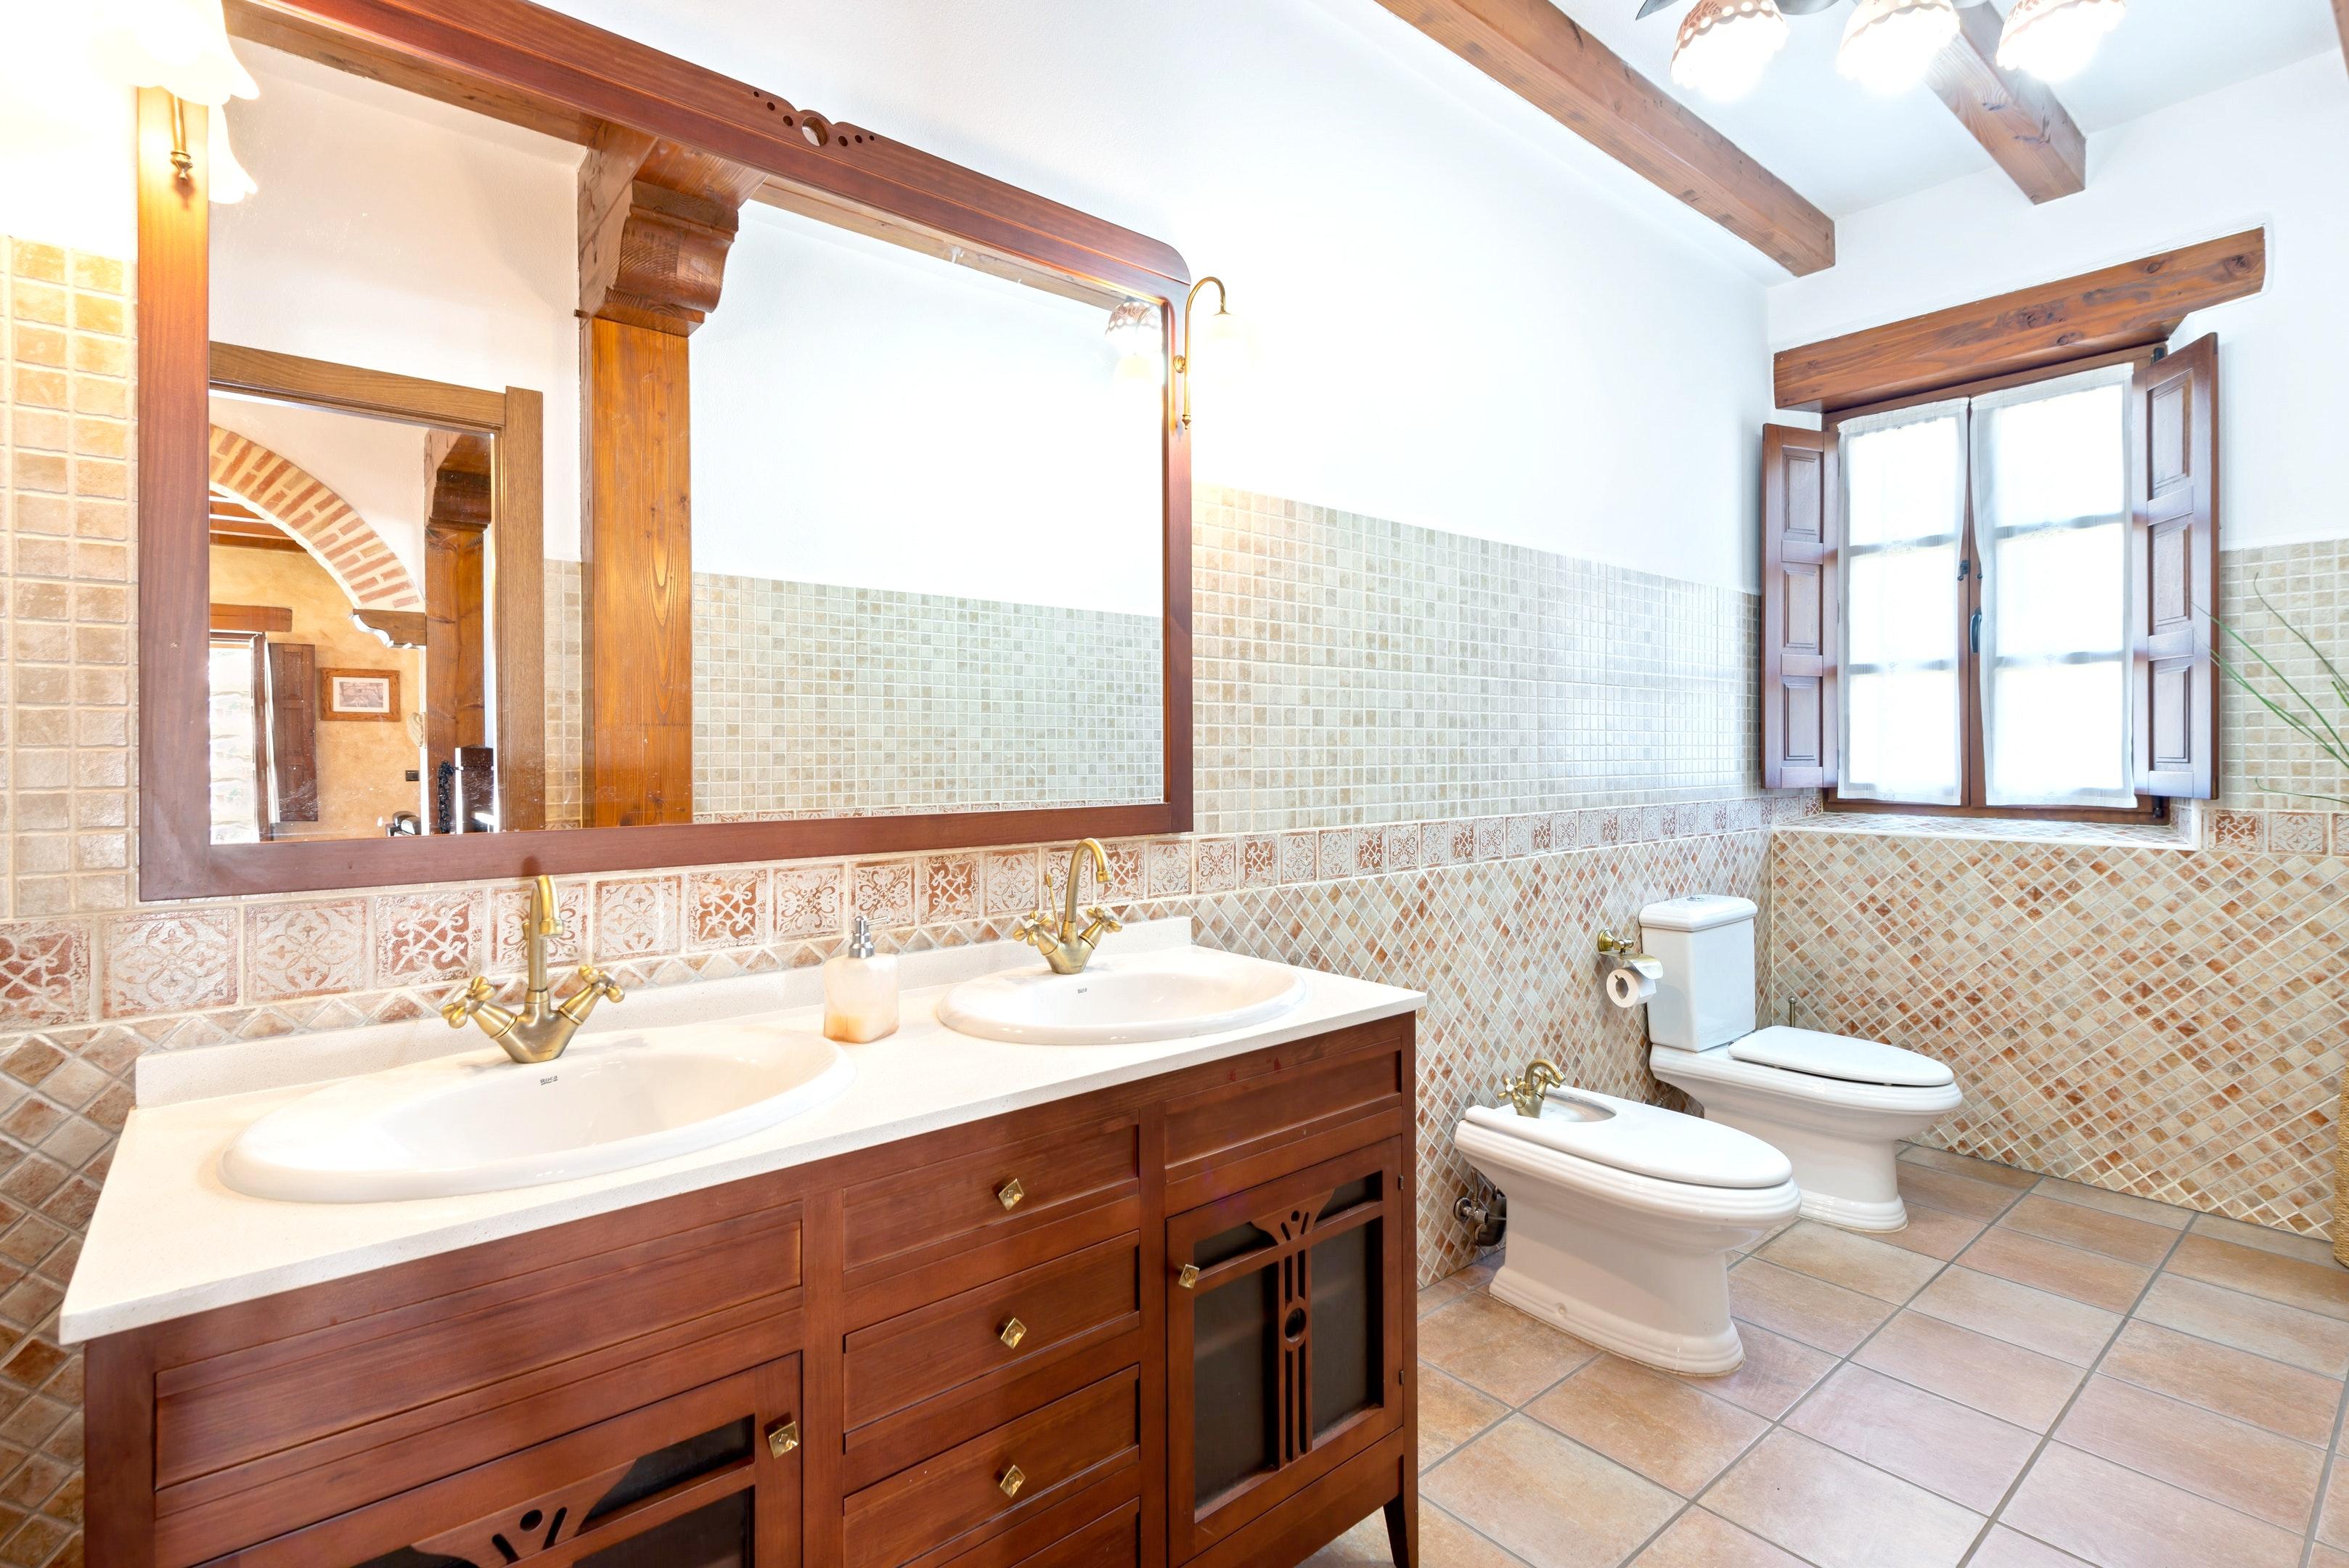 Ferienhaus Villa mit 6 Schlafzimmern in Bizkaia mit privatem Pool und möblierter Terrasse (2519370), Dima, Bizkaia, Baskenland, Spanien, Bild 12